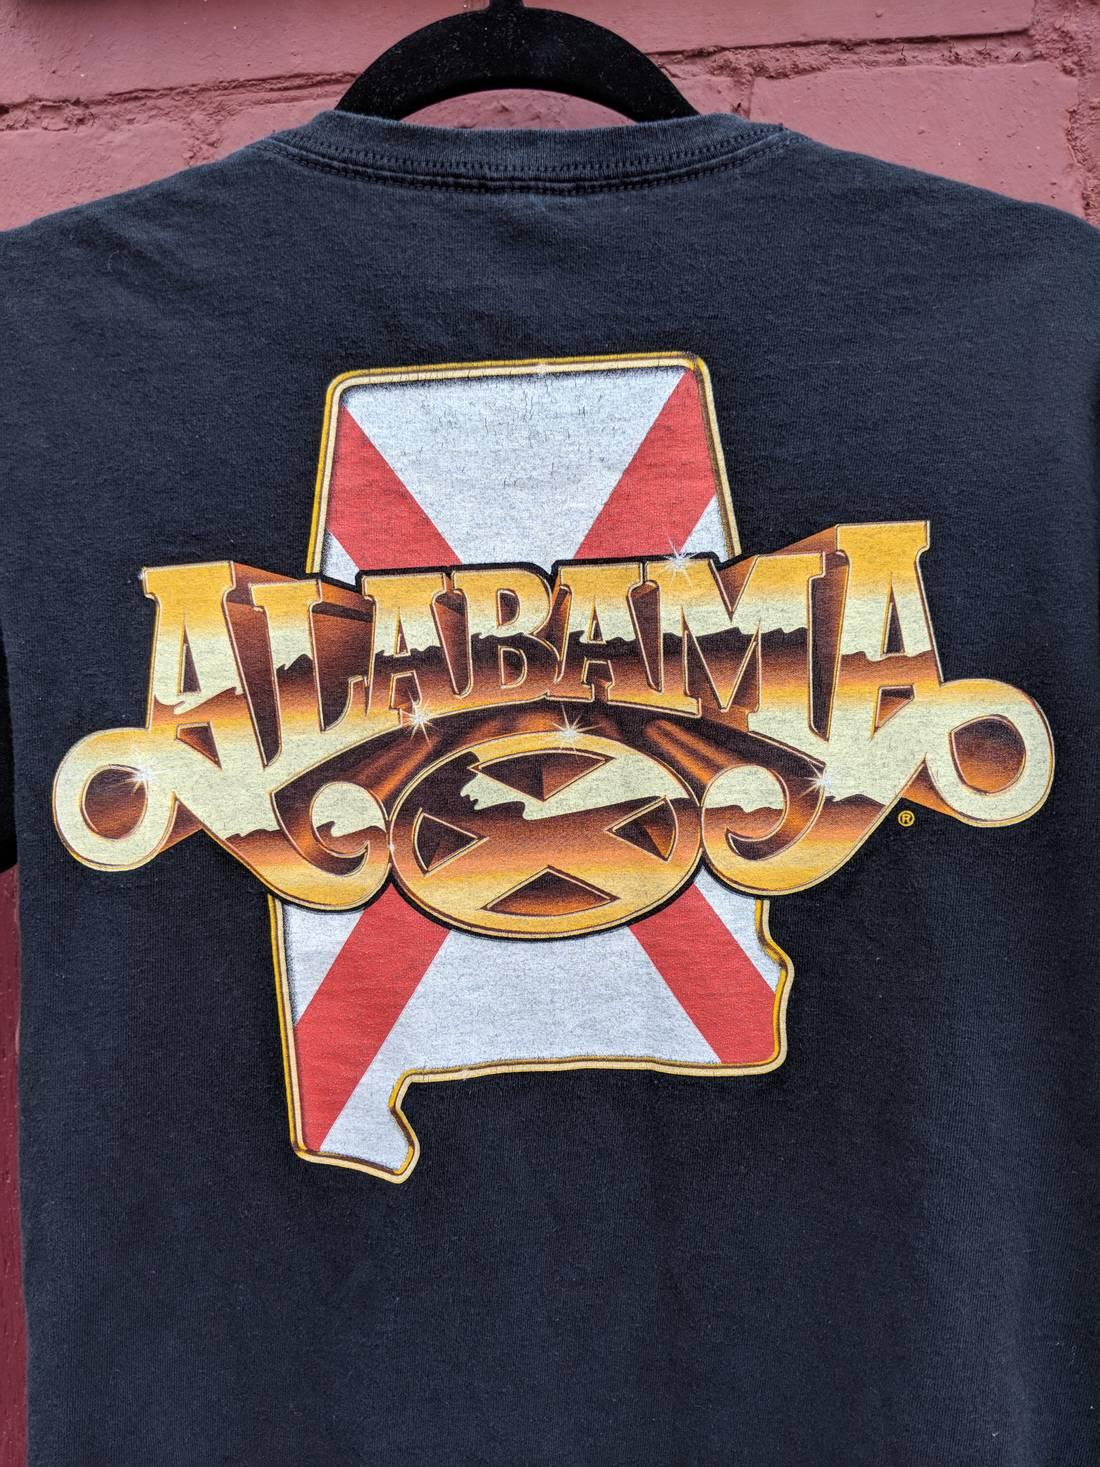 Retro Alabama Band T Shirts   Azərbaycan Dillər Universiteti